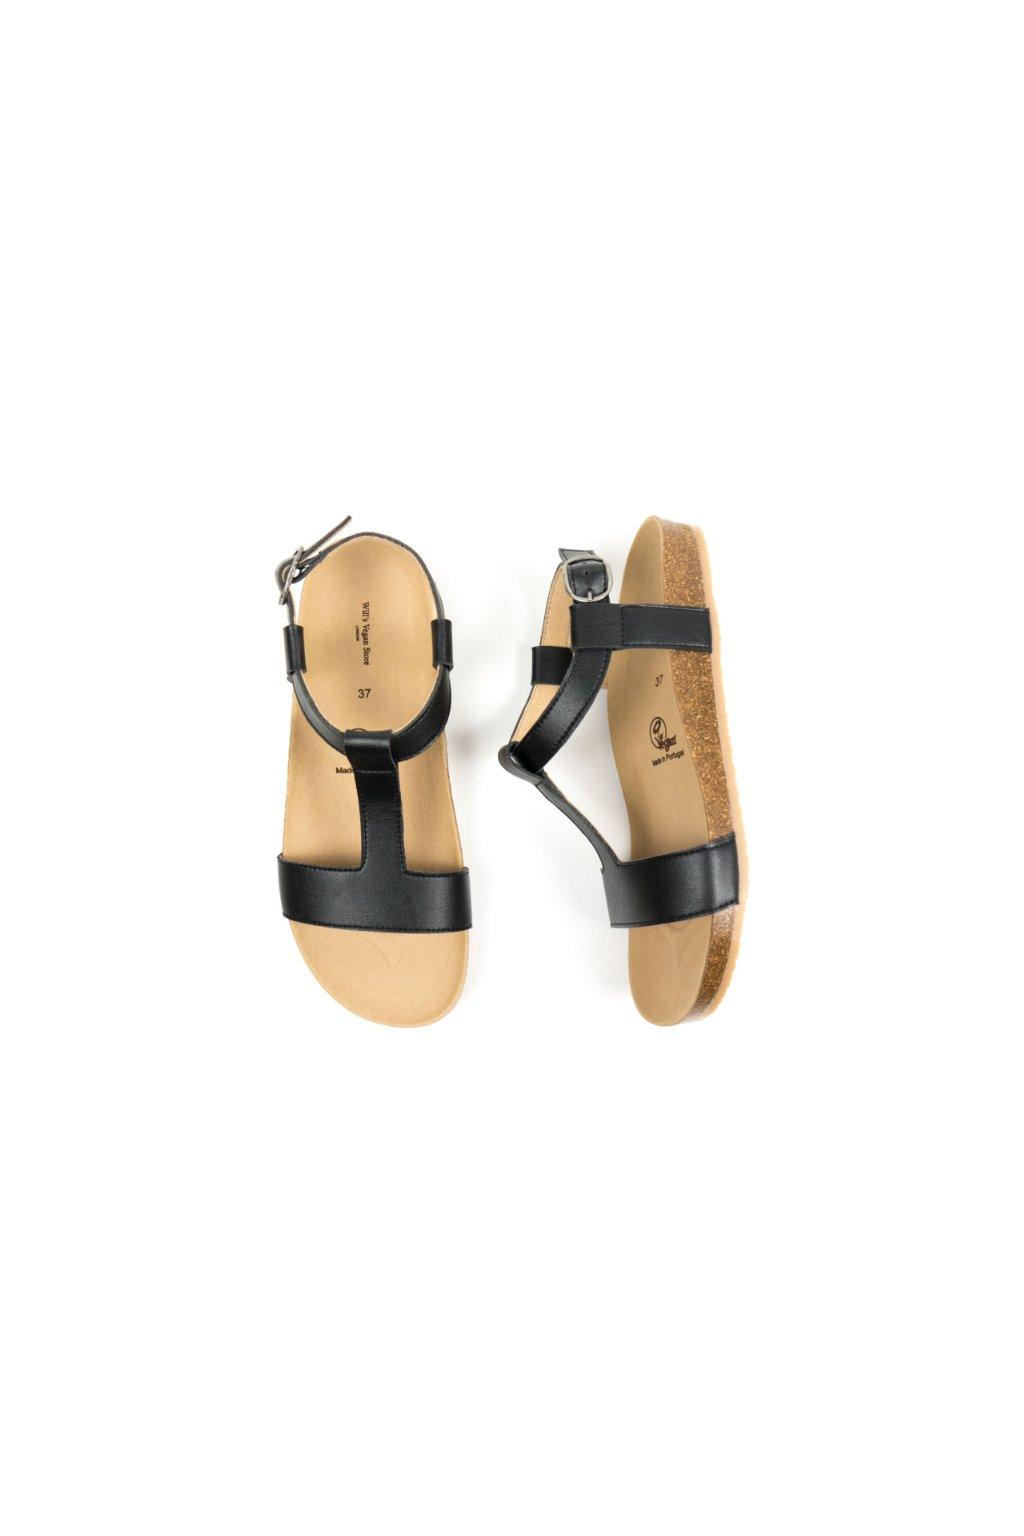 """Čierne sandále """"Footbed Sandals Black"""" - starý model"""